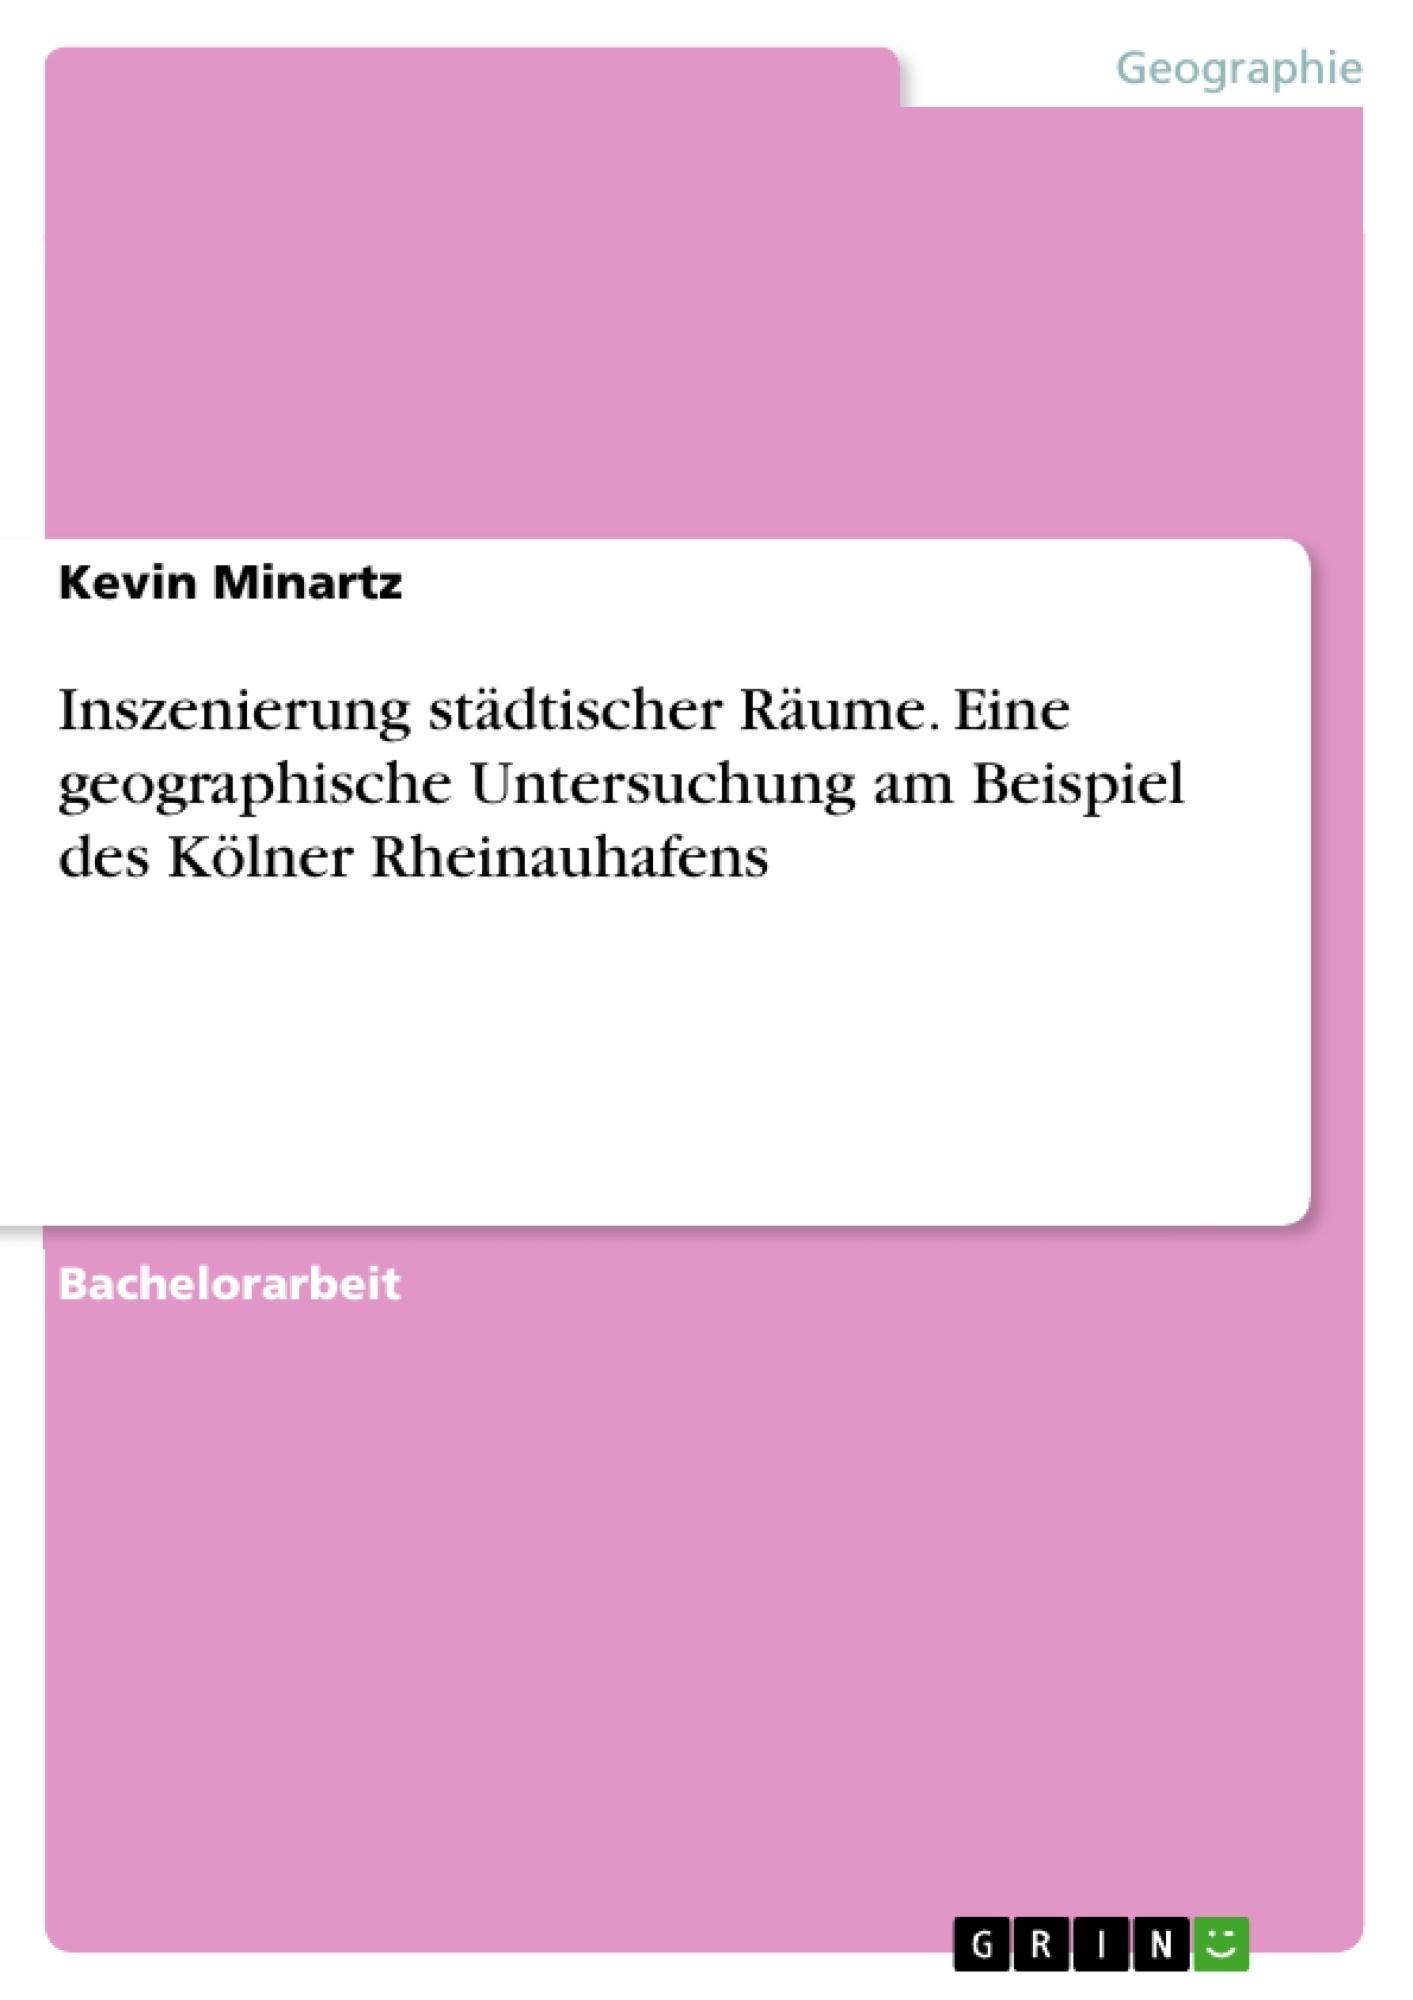 Titel: Inszenierung städtischer Räume. Eine geographische Untersuchung am Beispiel des Kölner Rheinauhafens